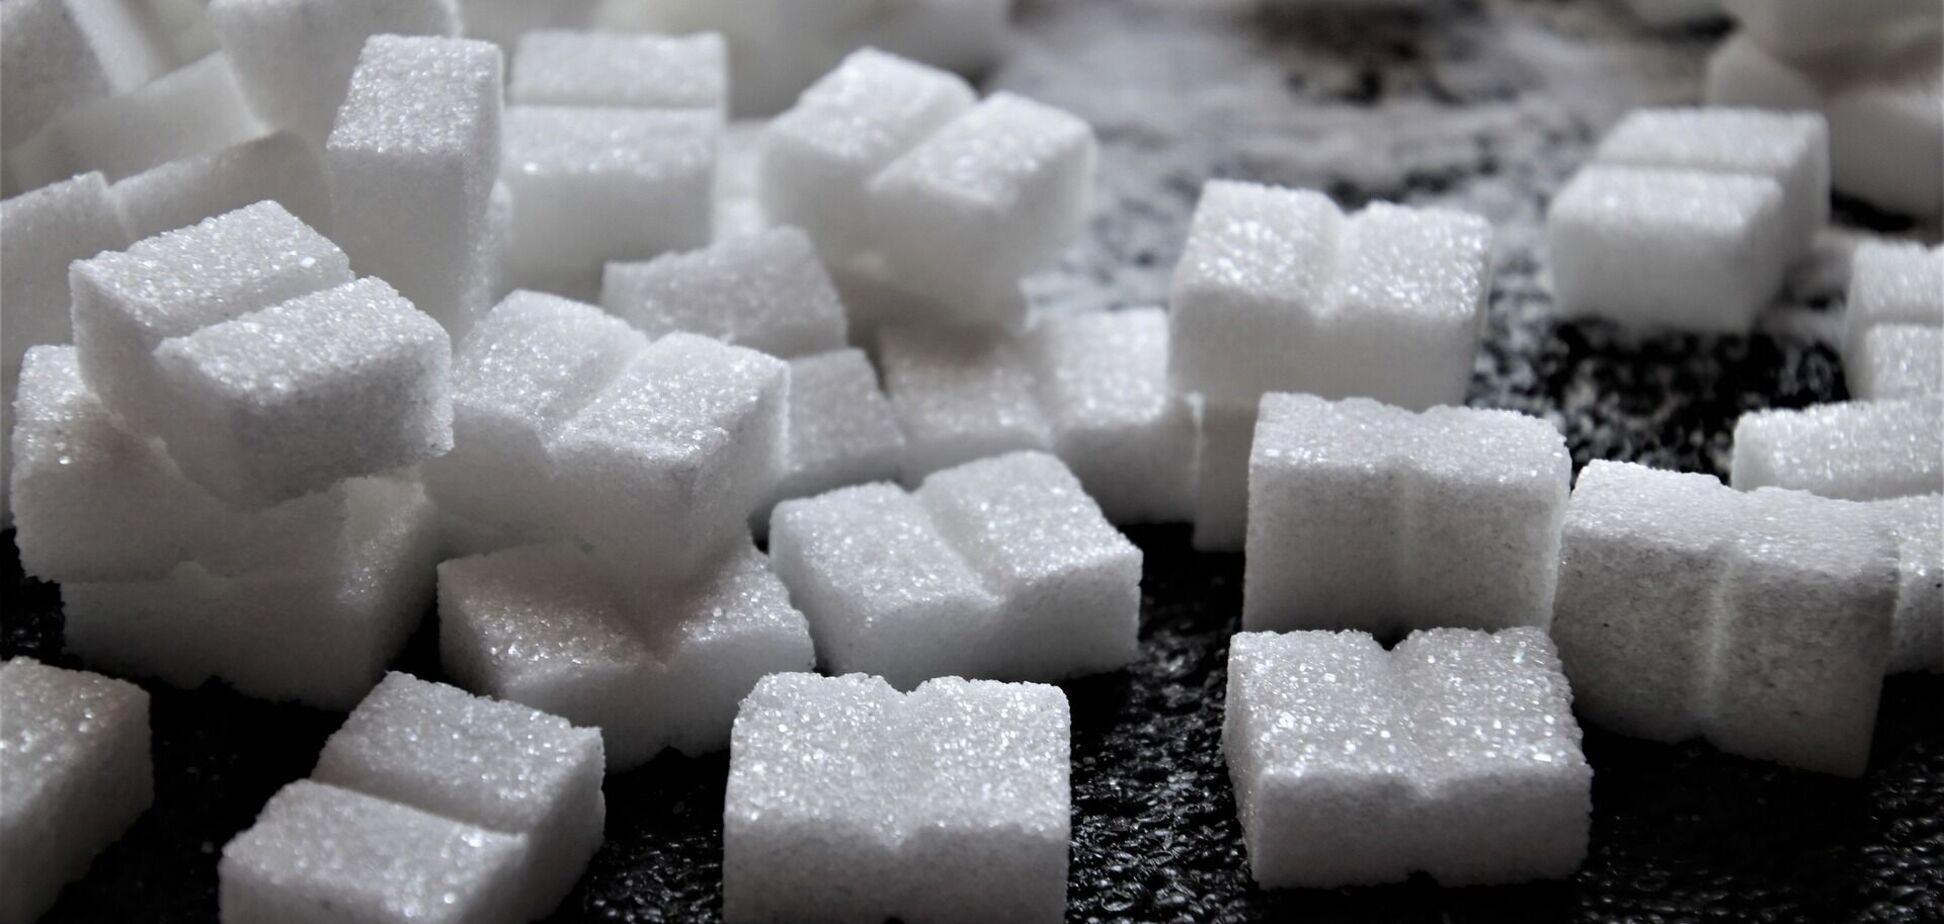 Сахар в Украине стоит вдвое дороже, чем в Европе: эксперт назвал причины